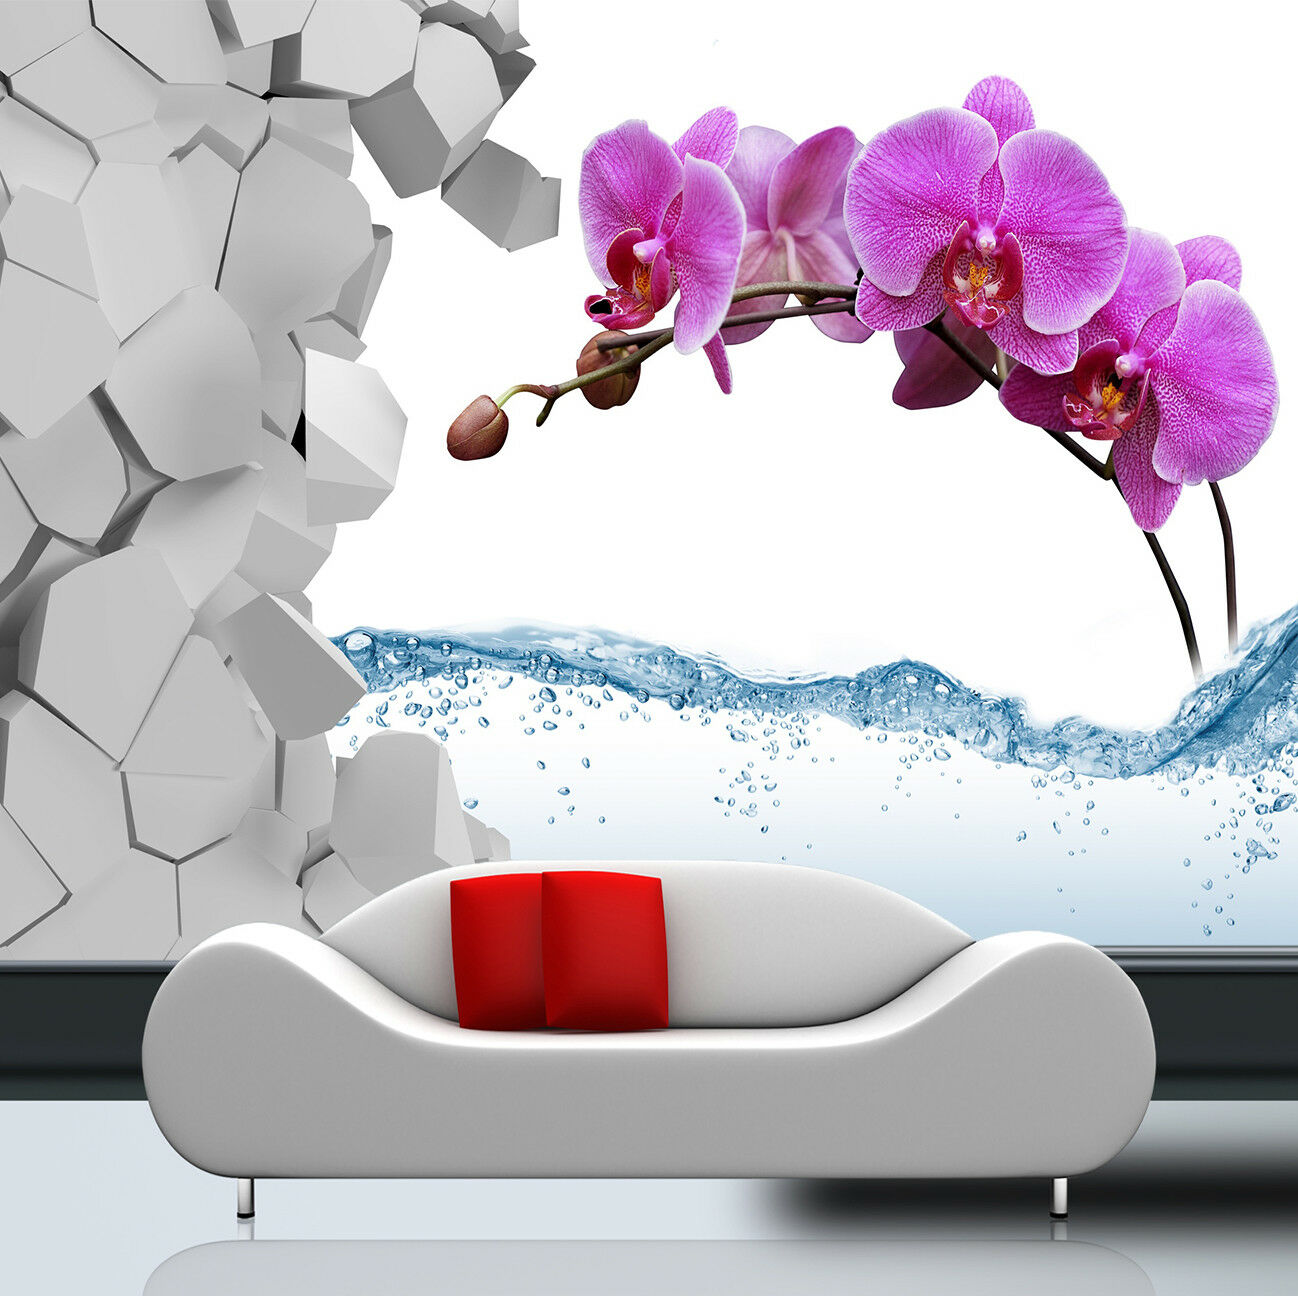 3D Ziegel Blaumen Wasser Wasser Wasser 7995 Tapete Wandgemälde Tapeten Bild Familie DE Jenny   Sale Düsseldorf    Einfach zu spielen, freies Leben    Attraktiv Und Langlebig  ba90de